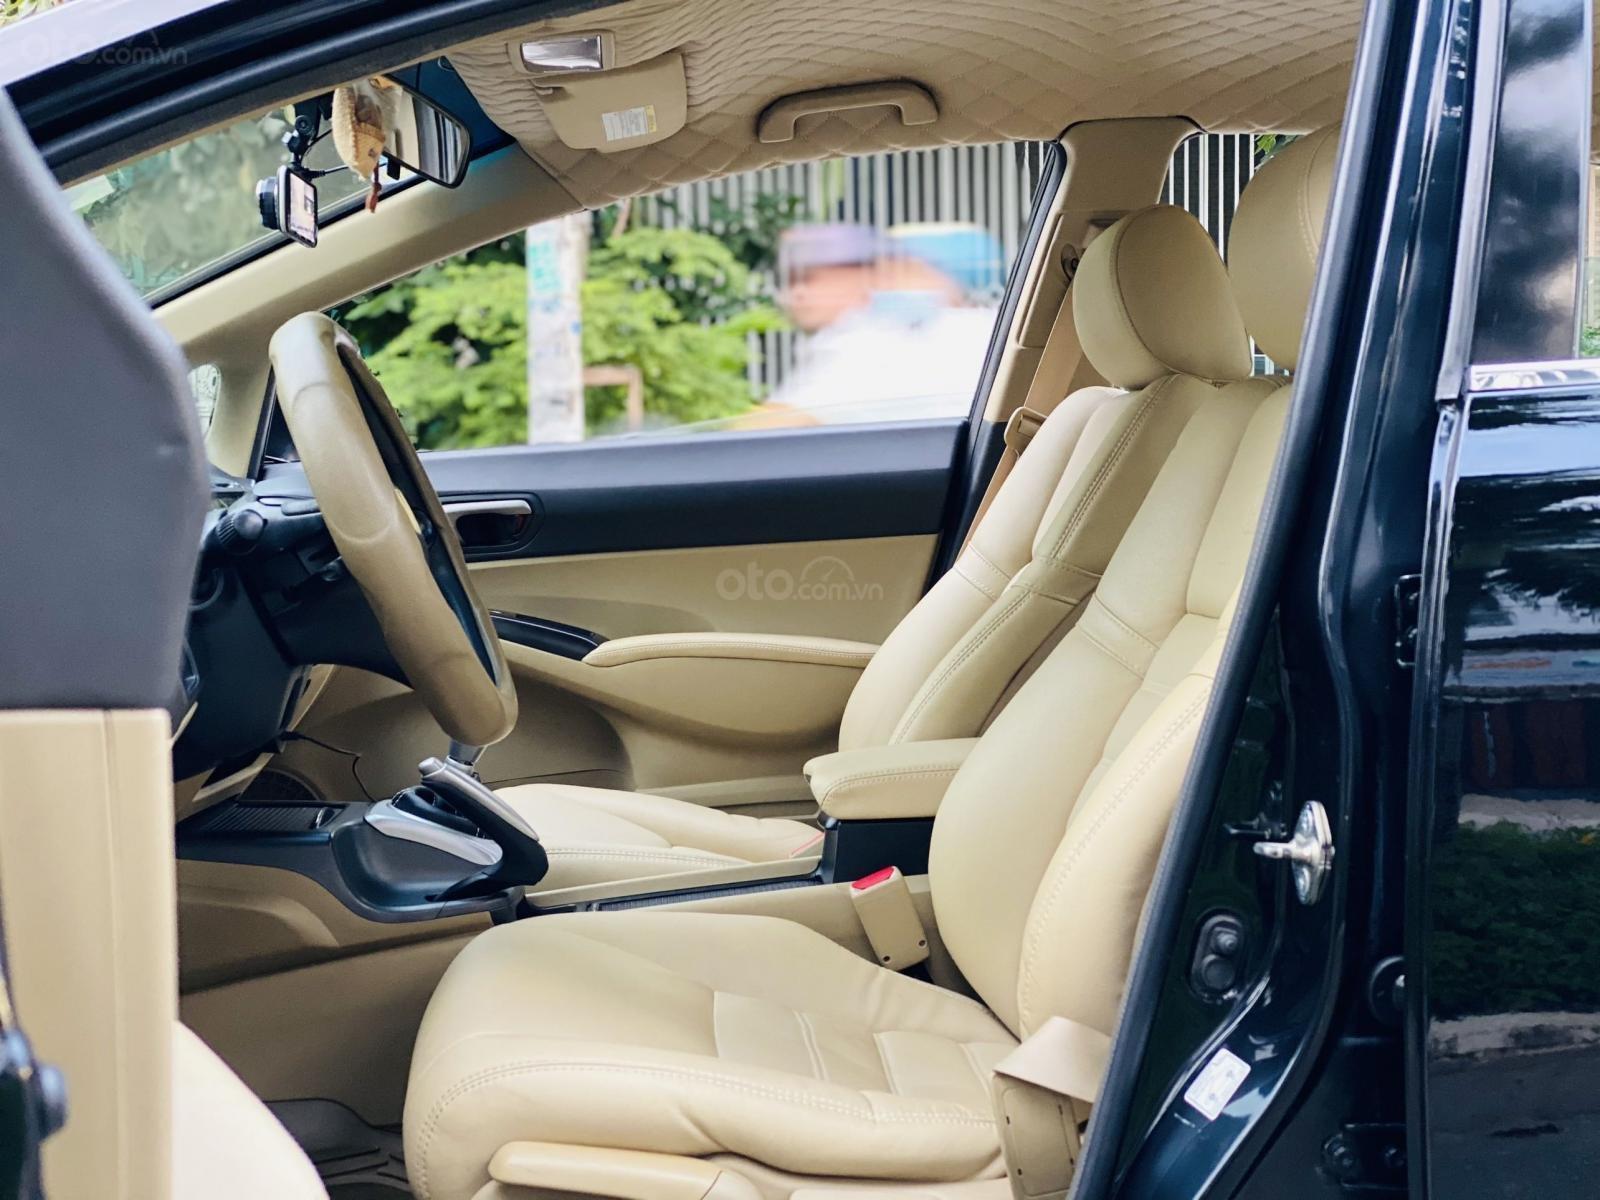 Bán xe Honda Civic đời 2009, màu đen. Xe gia đình, giá 285 triệu đồng (10)